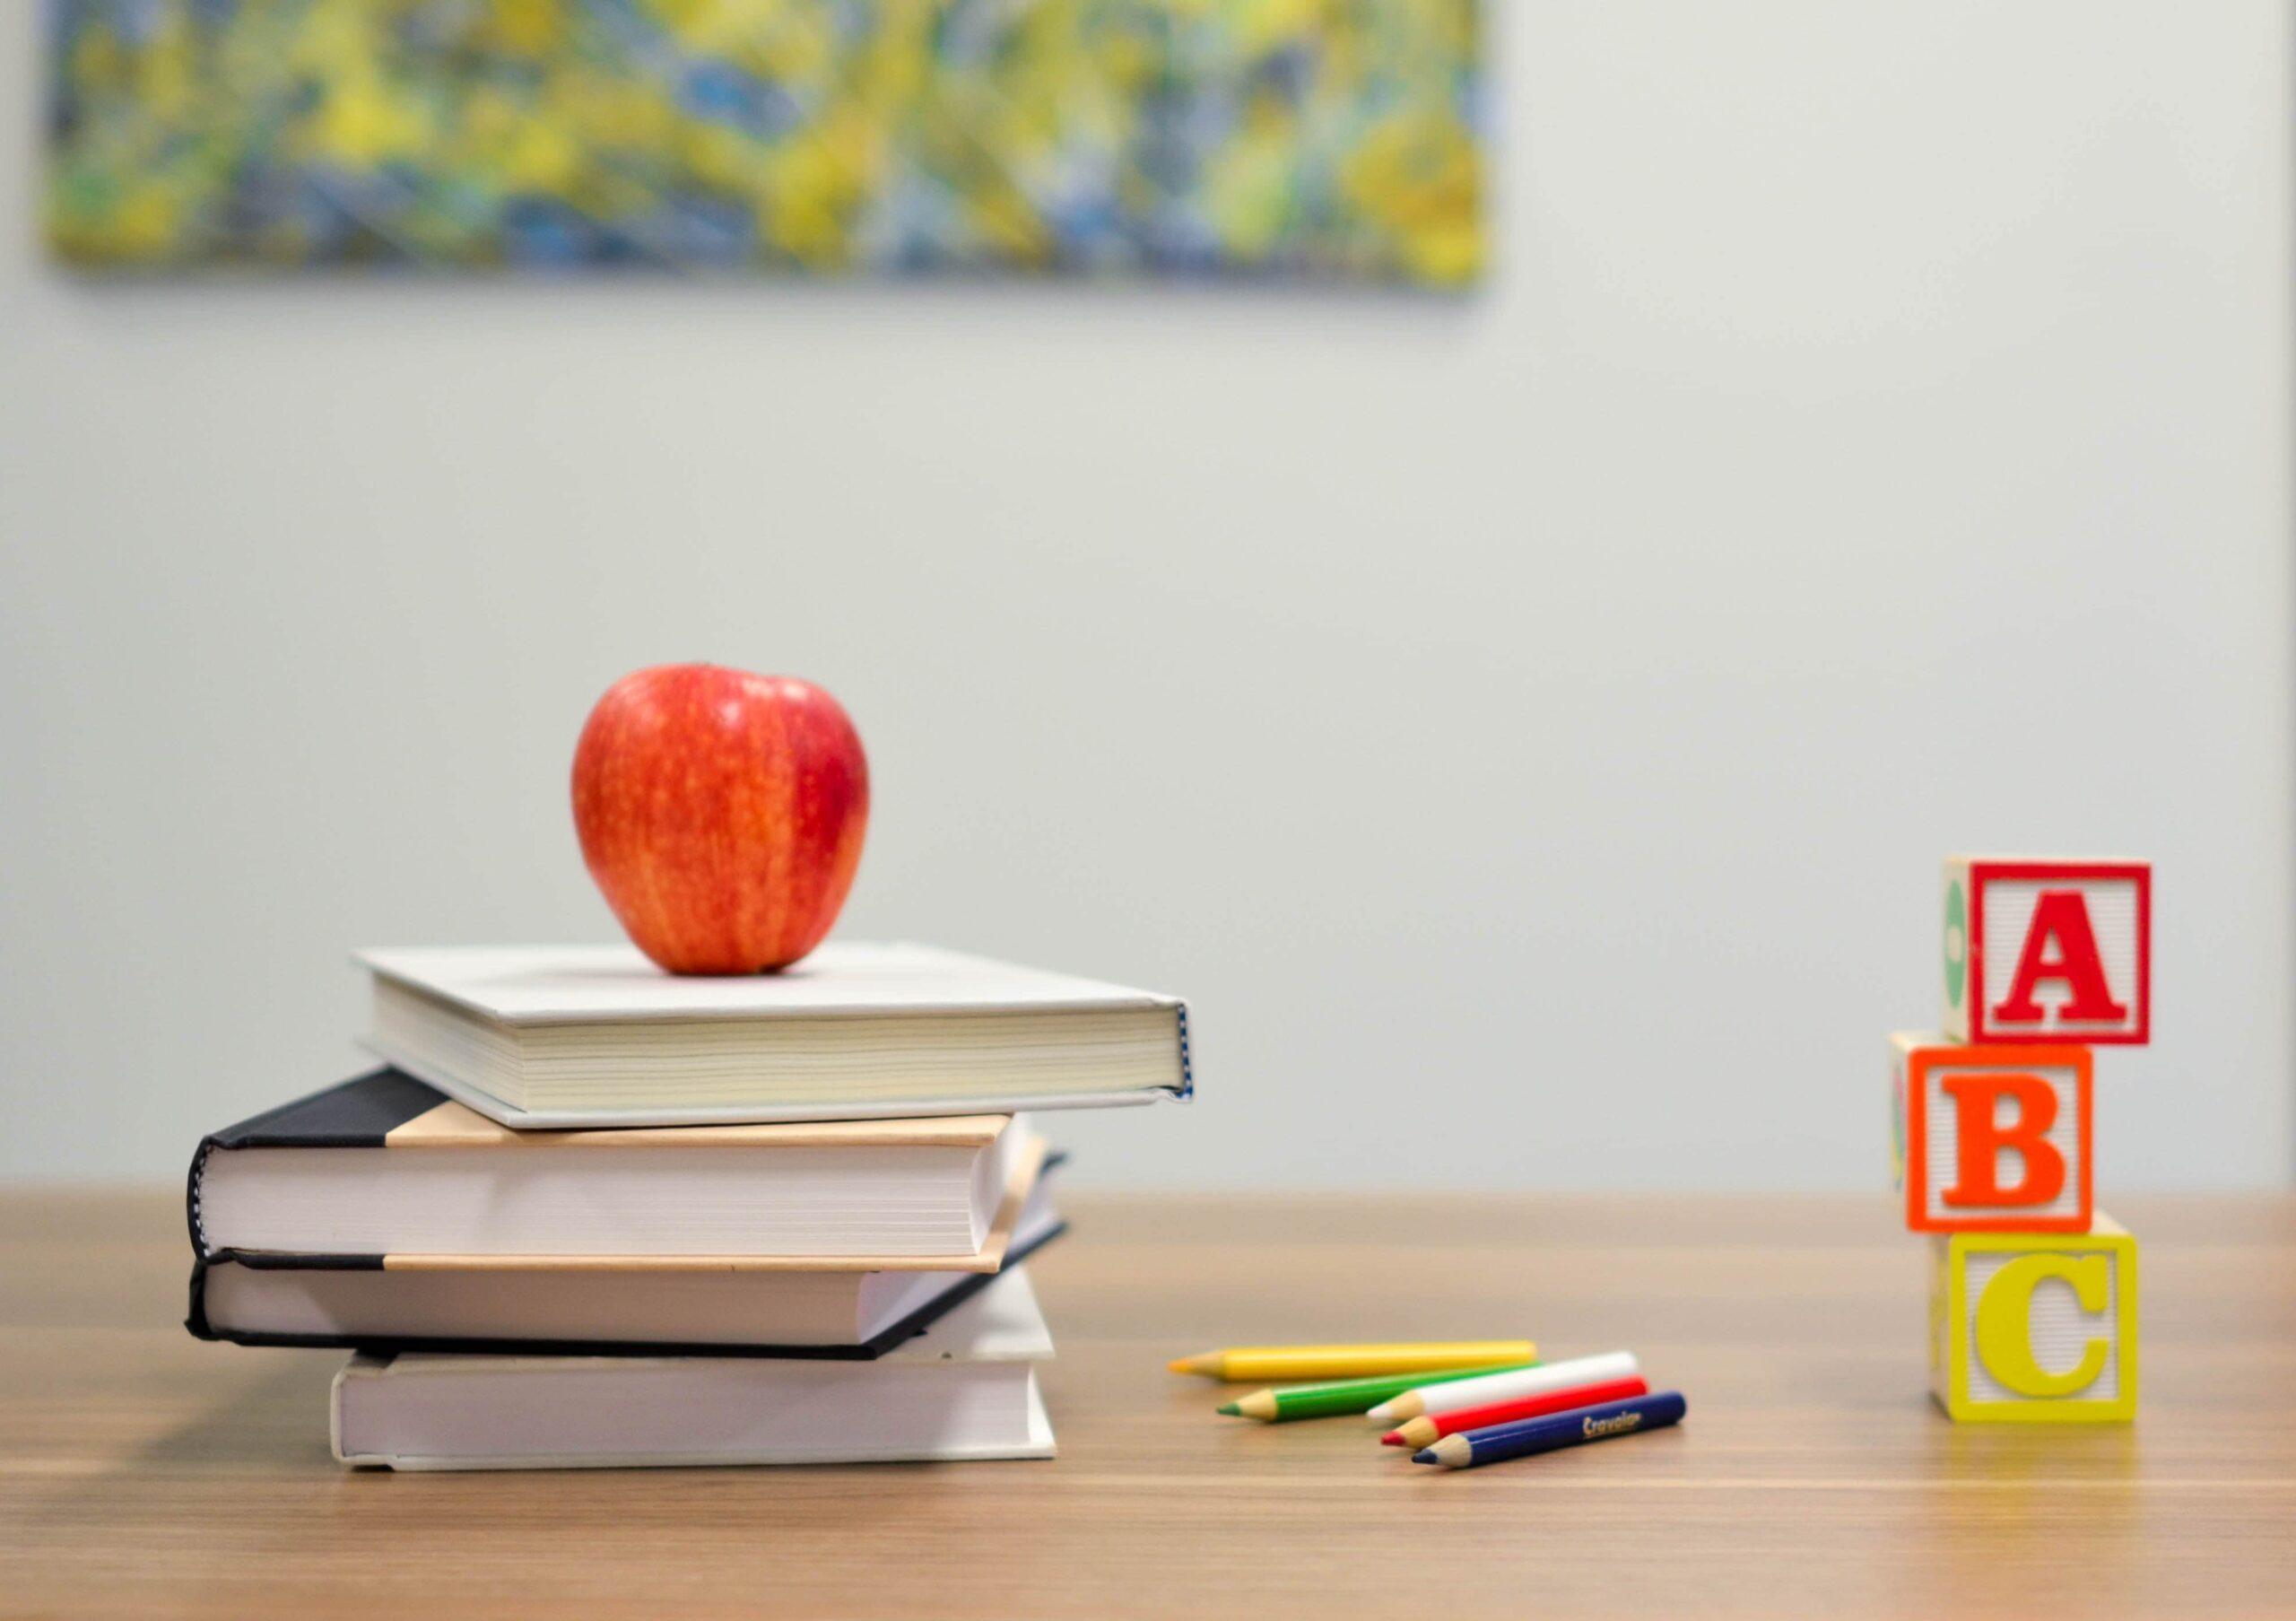 【Webマーケターのための学習方法】有益なWeb情報を見つける6つの方法